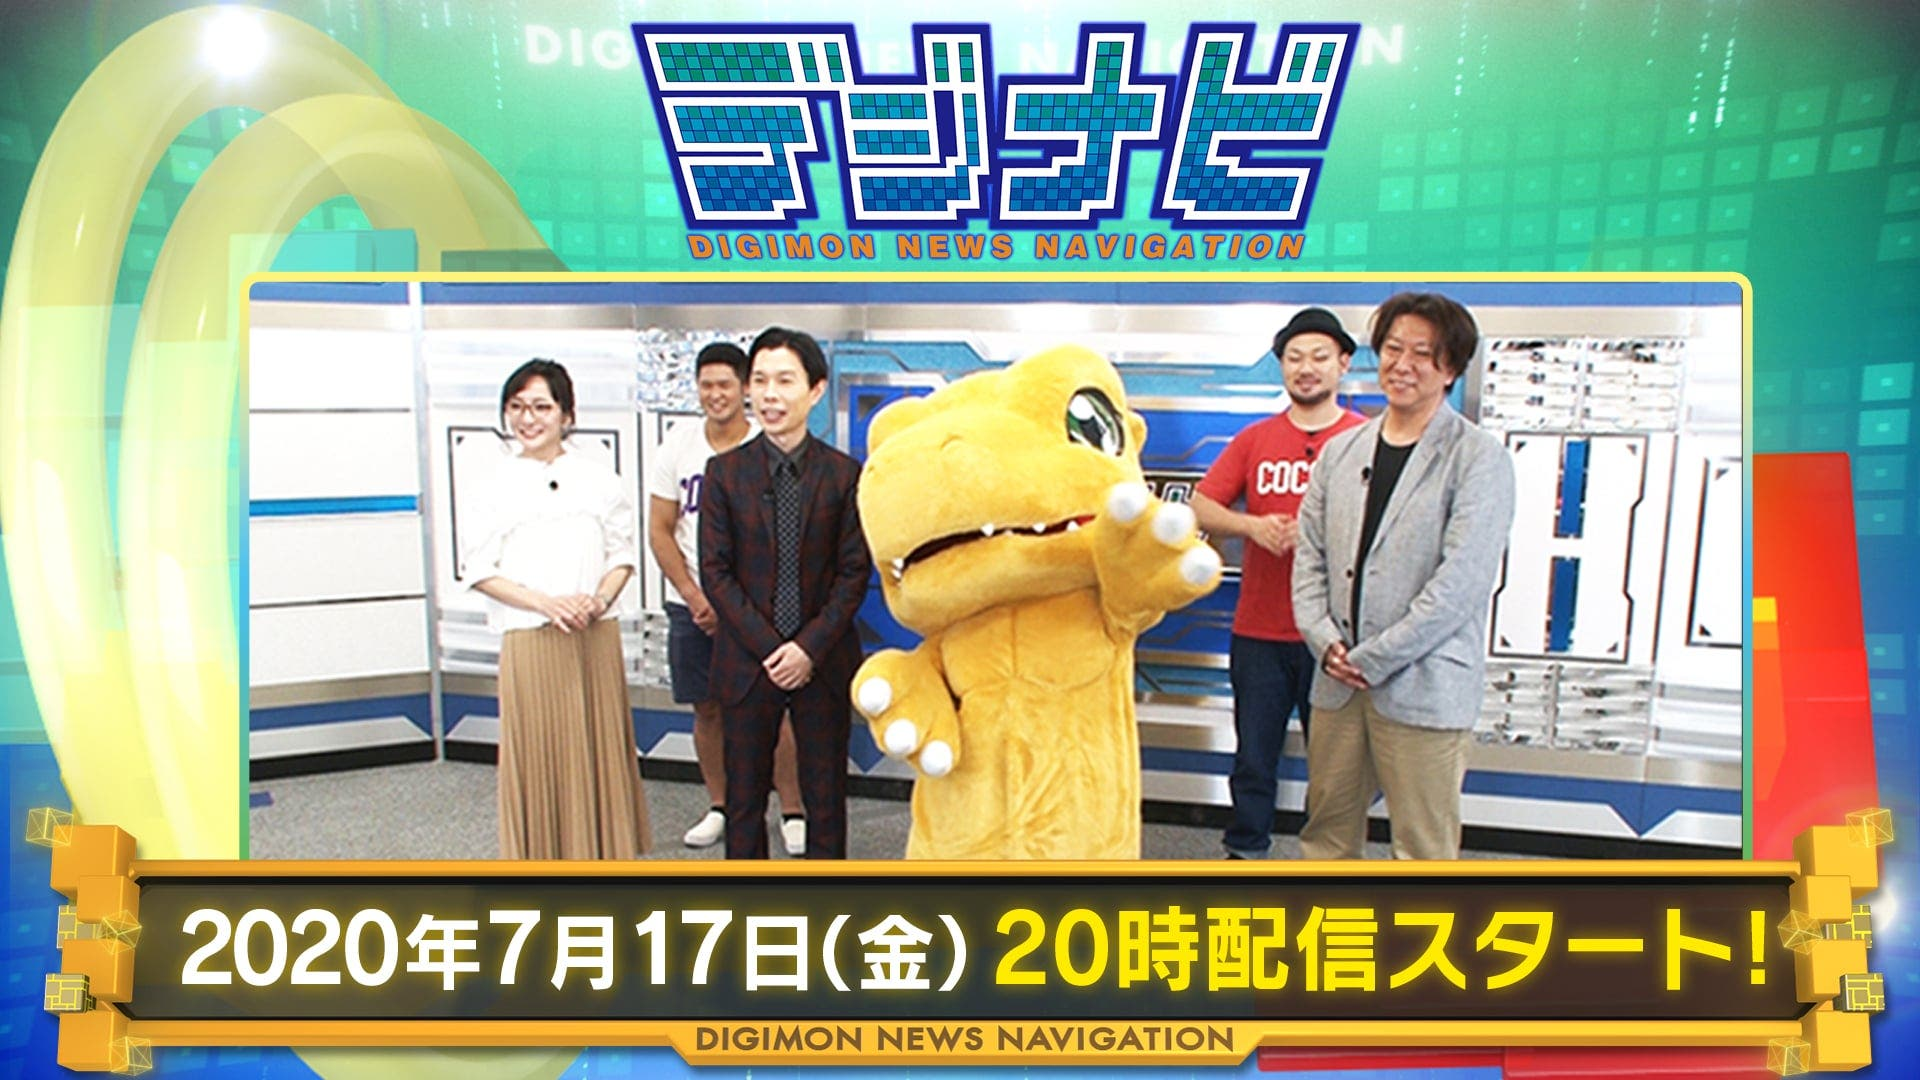 Bandai confirma dos nuevos eventos online con novedades sobre el mundo Digimon